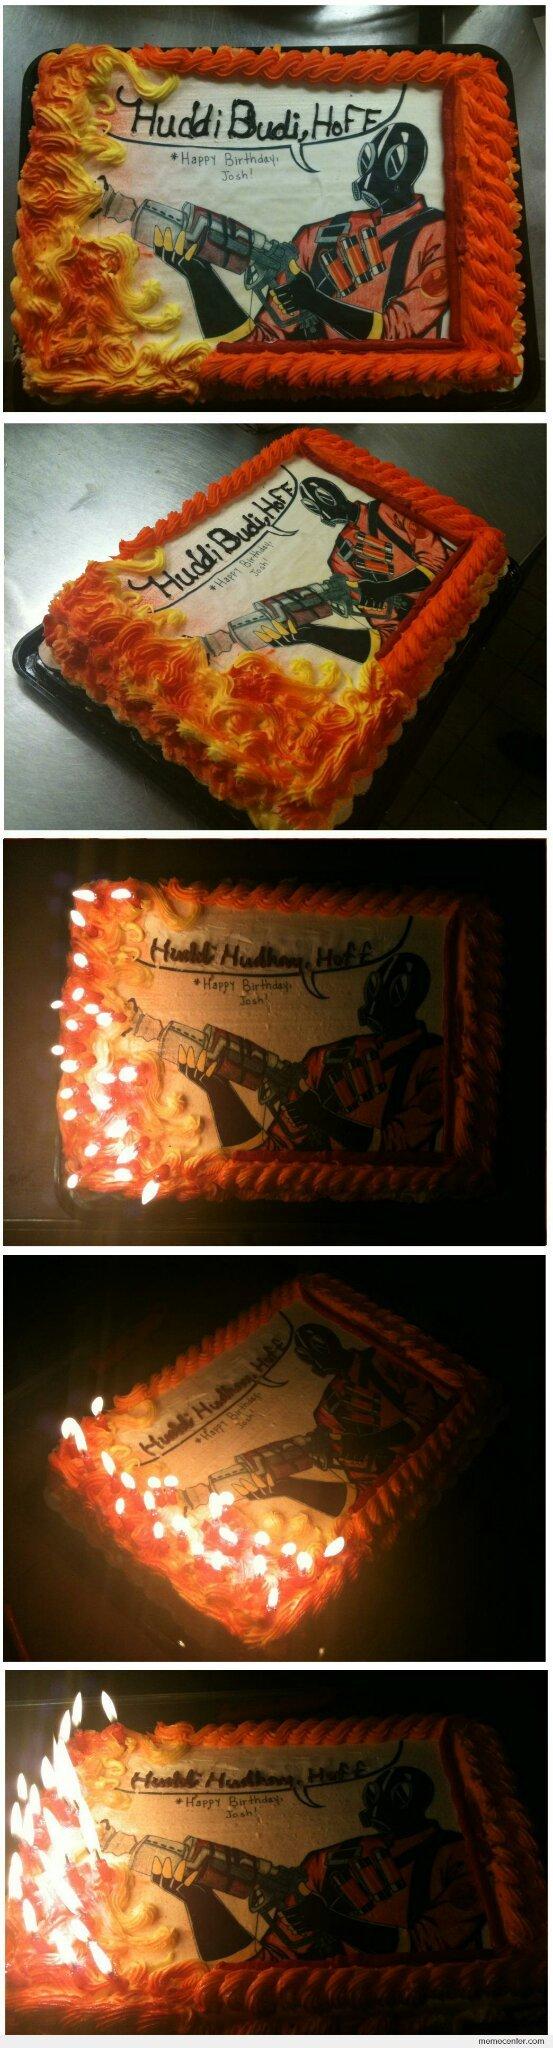 The cake is a spy! - meme